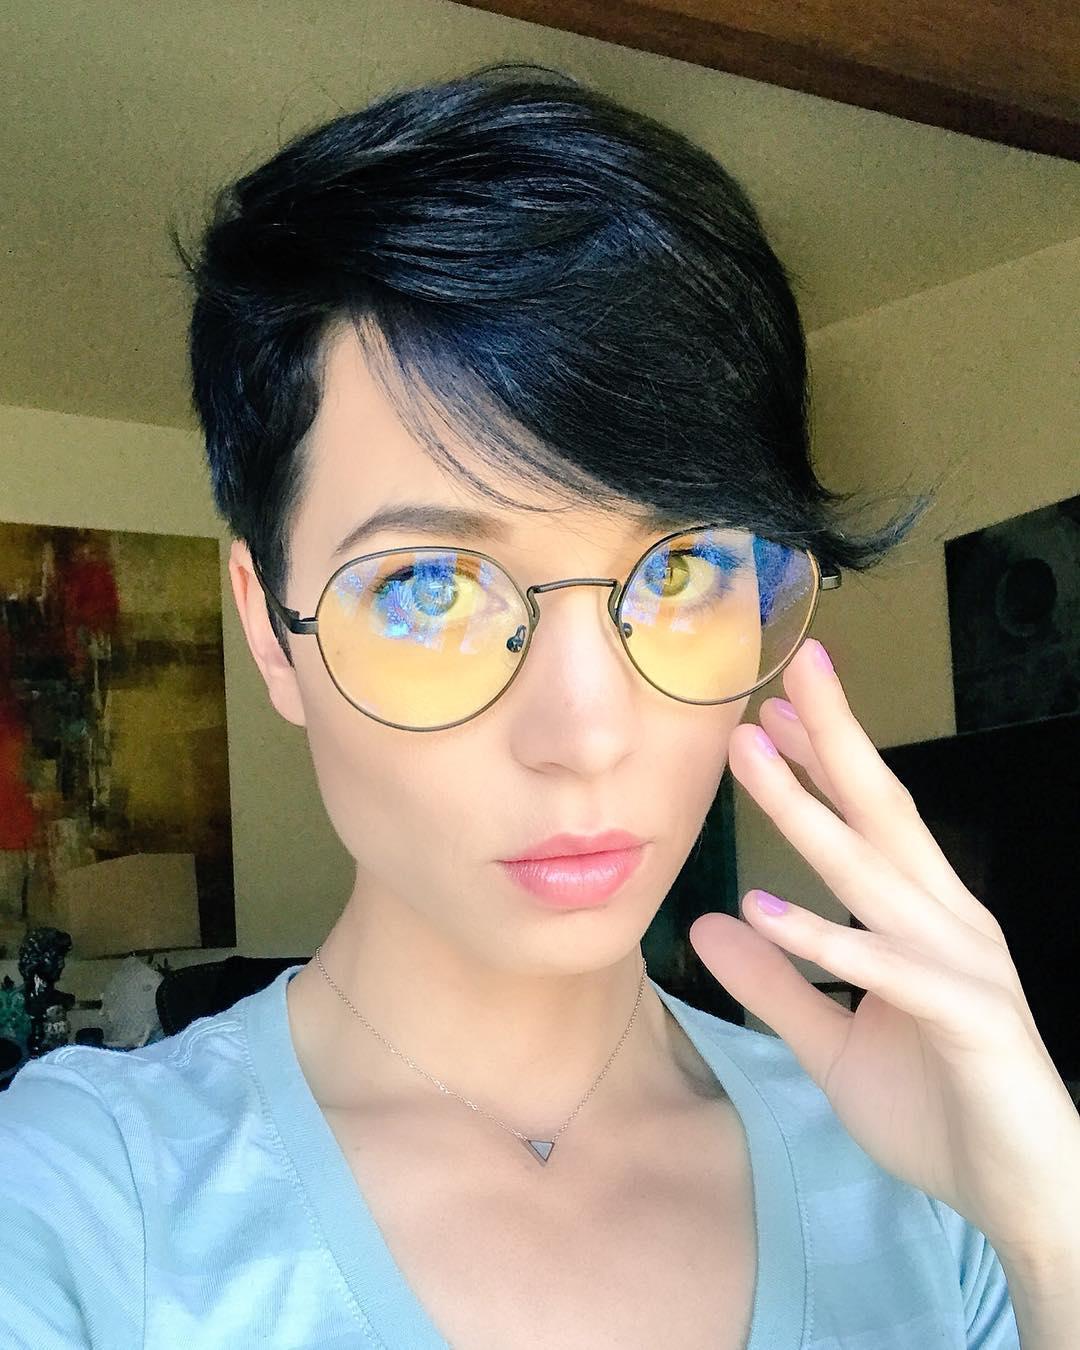 Pamela Horton Instagram username